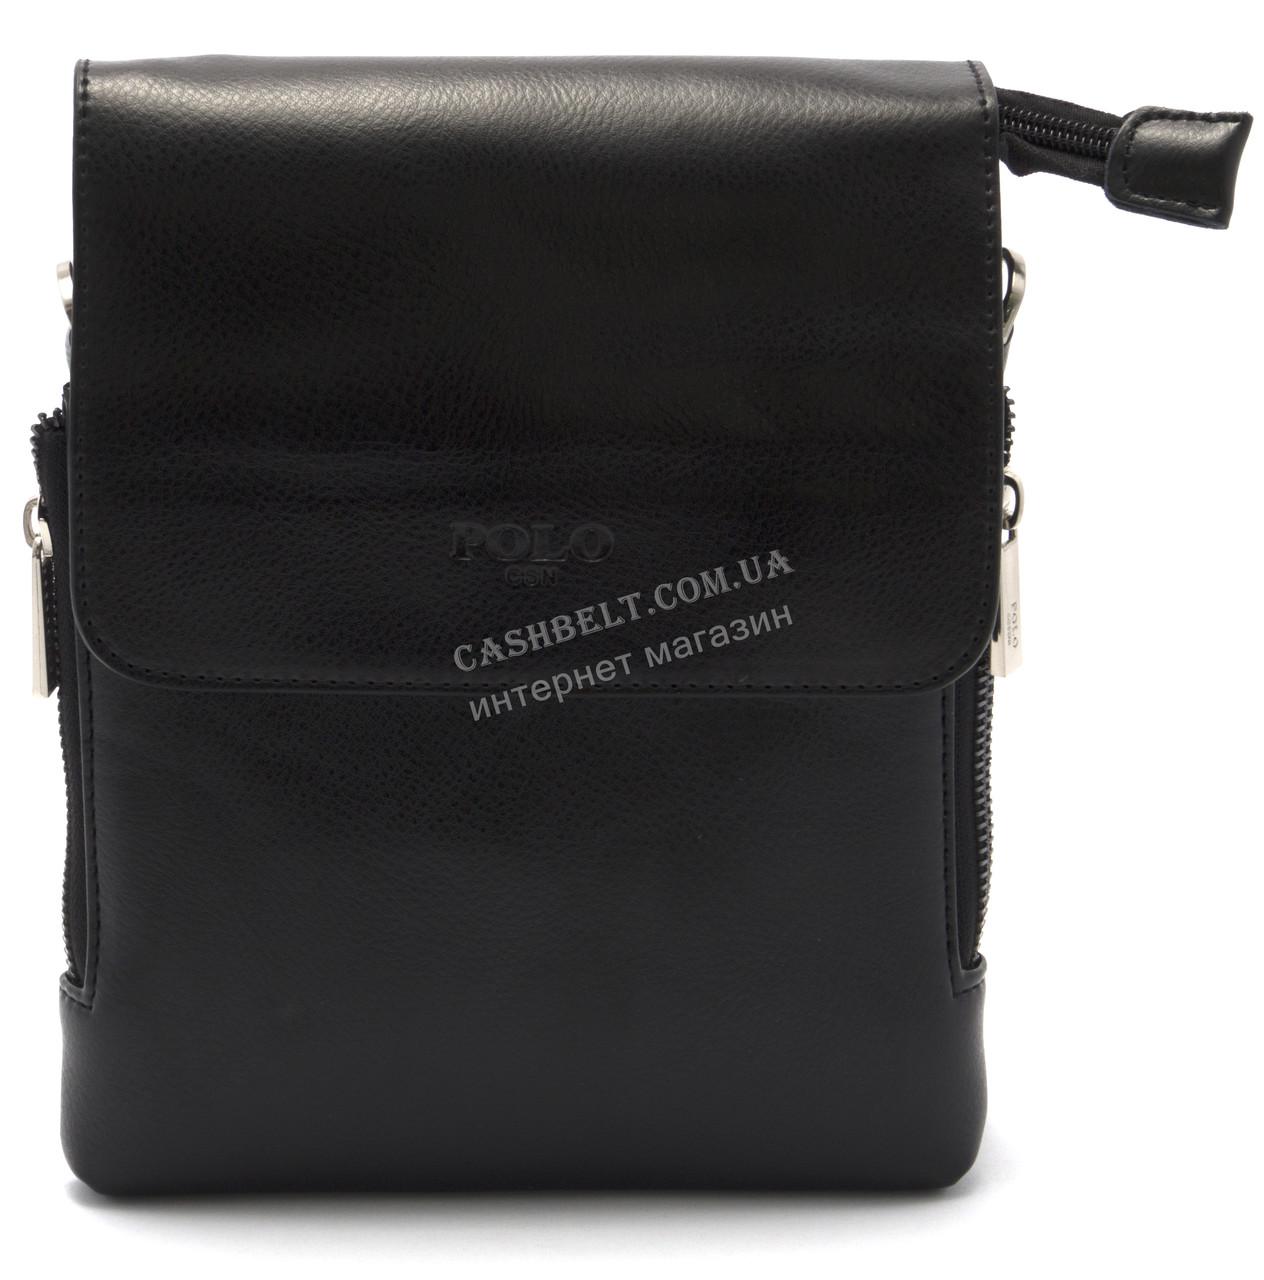 Зручна чоловіча сумка POLO art. 8868-1 чорний